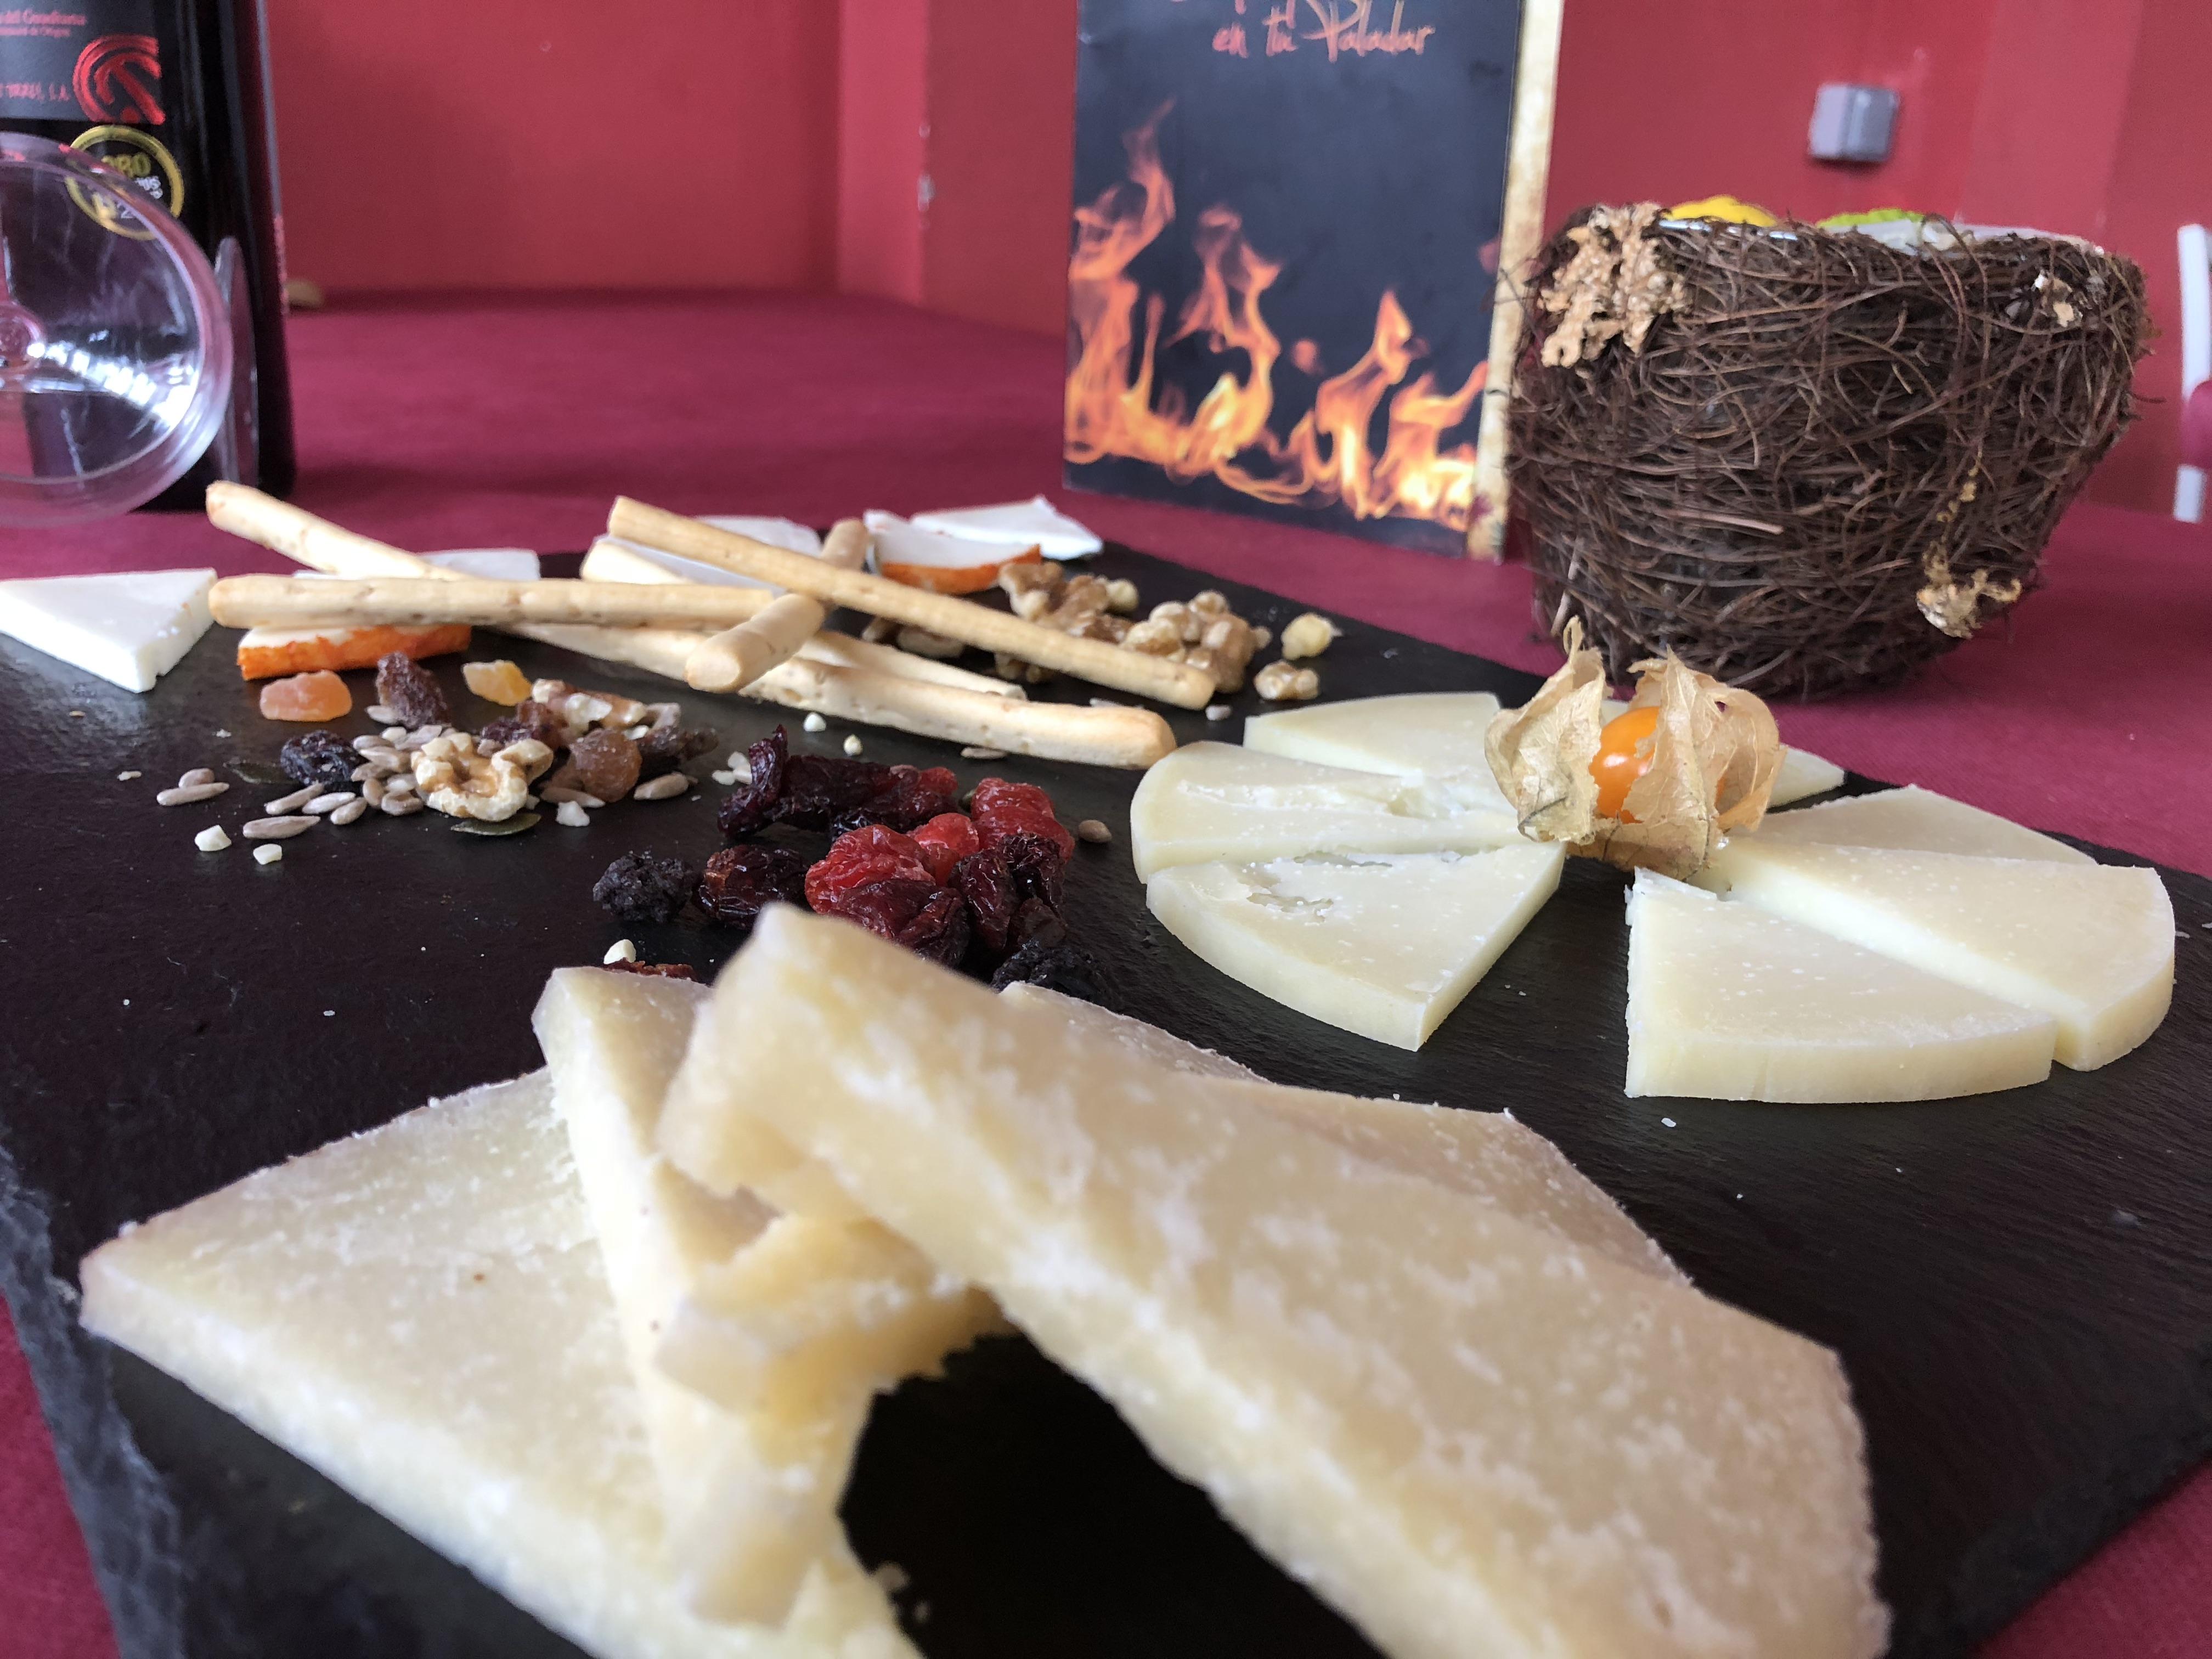 Tabla de quesos de Ibores, comiendo queso de los Ibores